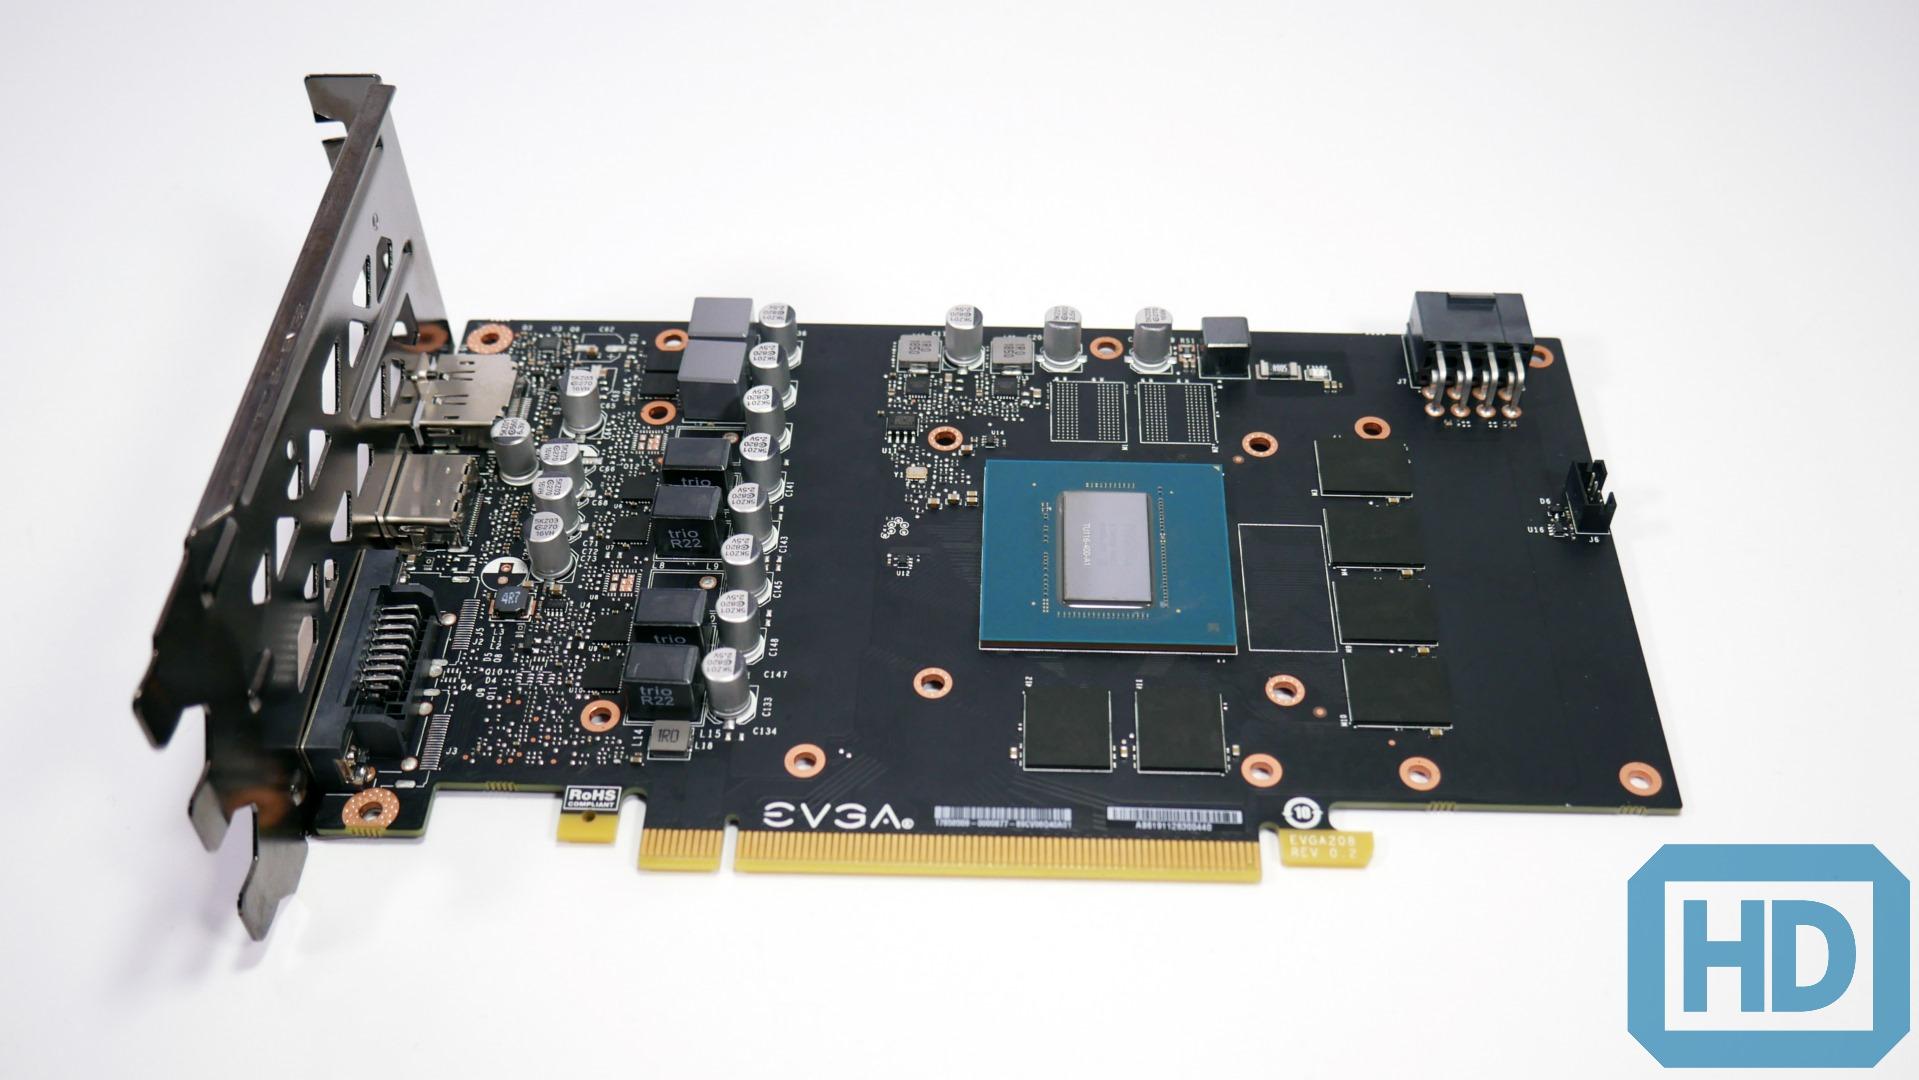 hight resolution of utiliza un pcb con 4 fases de poder para gpu y 2 para memoria alimentando mas que bien al n cleo tu116 y los 6 chips gddr6 presentes